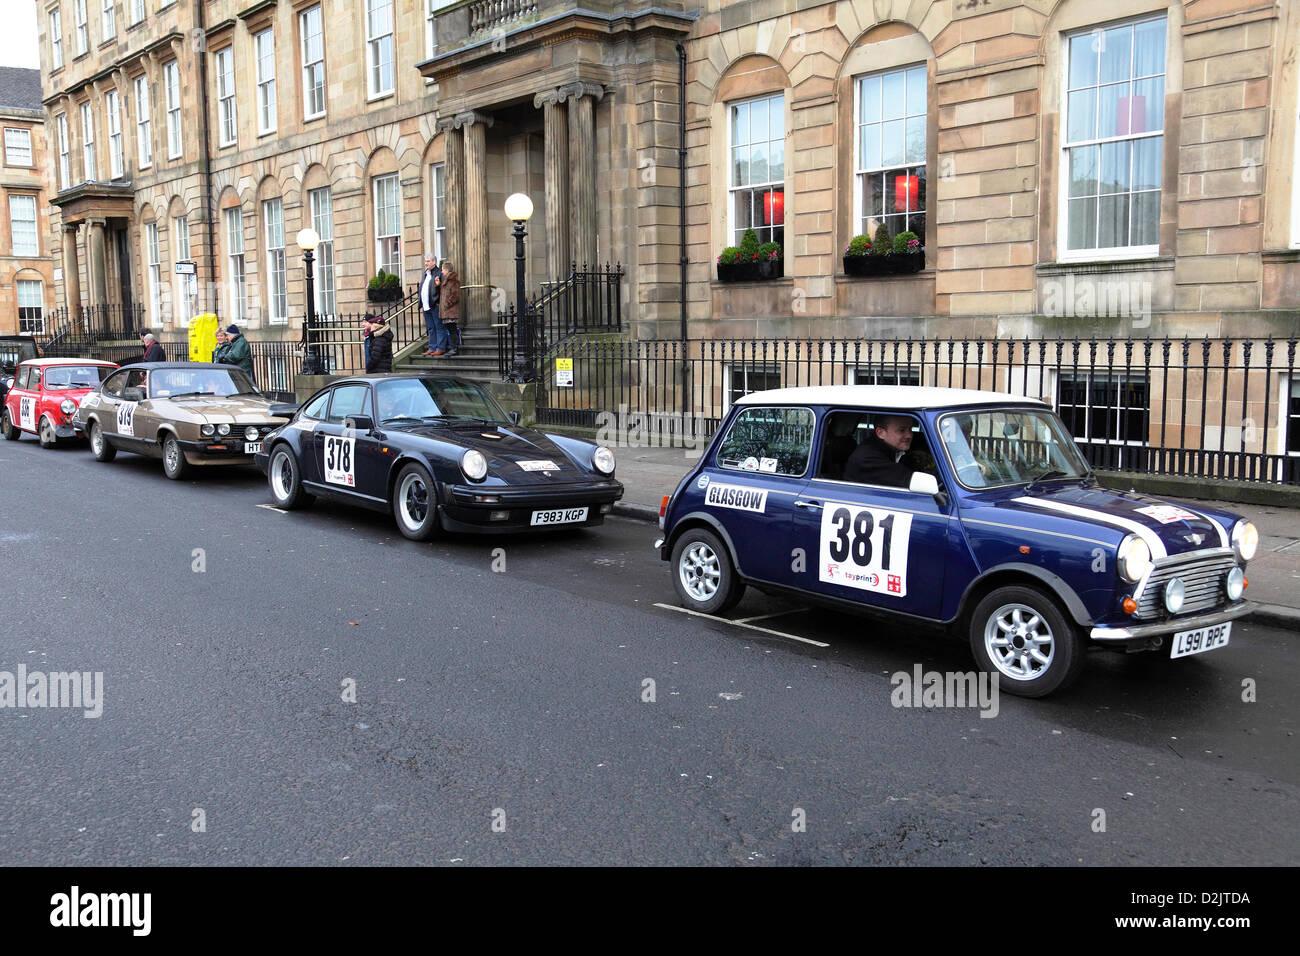 I partecipanti dopo la partenza del Rally di Monte Carlo a Glasgow, Scozia, UK Credit: Kenny Williamson / Alamy Immagini Stock